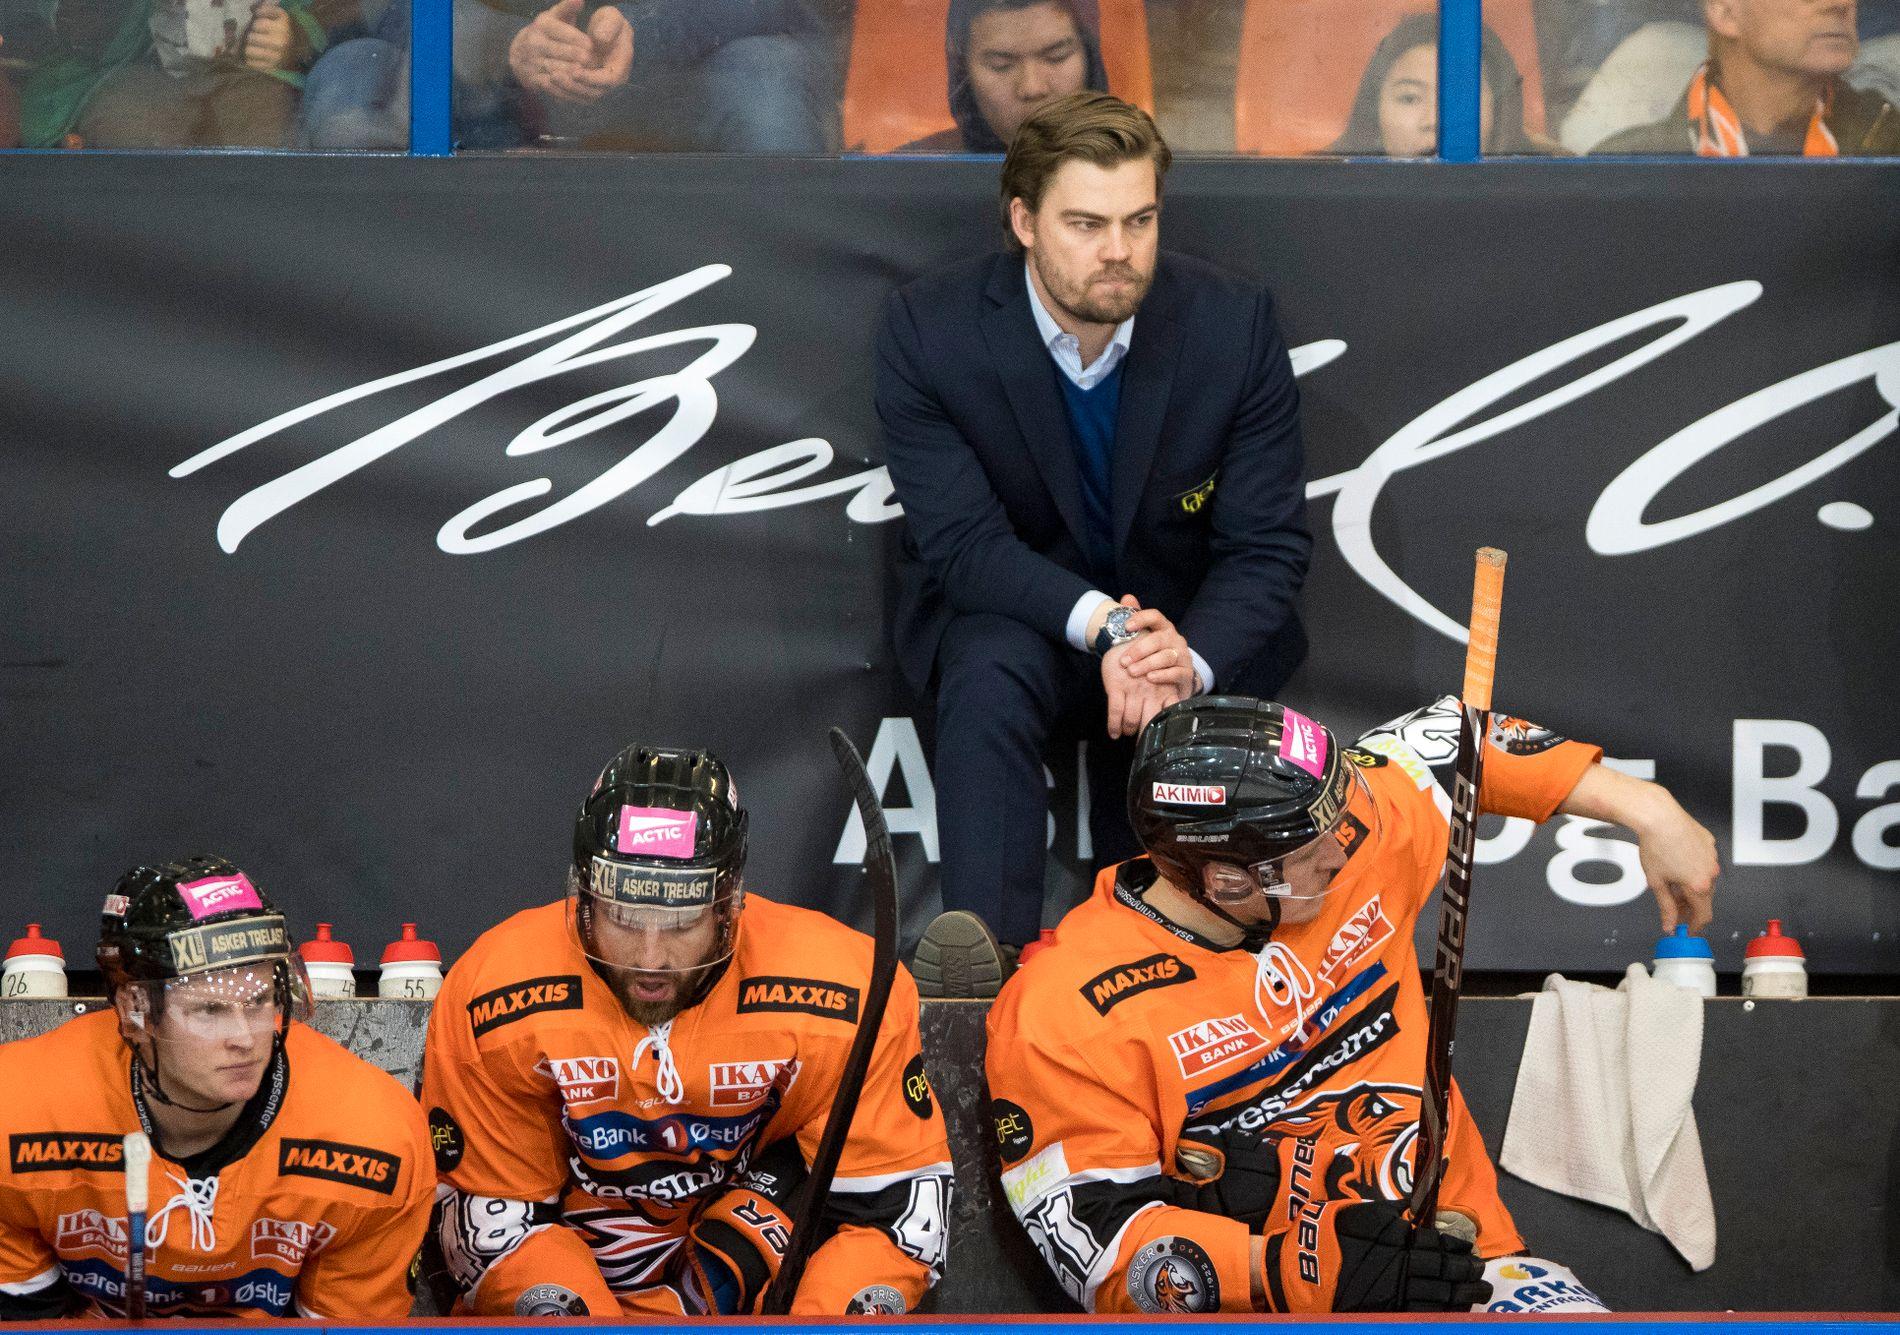 Frisk-trener Jan André Aasland tok over laget midt i sesongen. Han er seriens yngste trener med sine 29 år, og han har imponert med å få laget helt til finalen mot Storhamar.